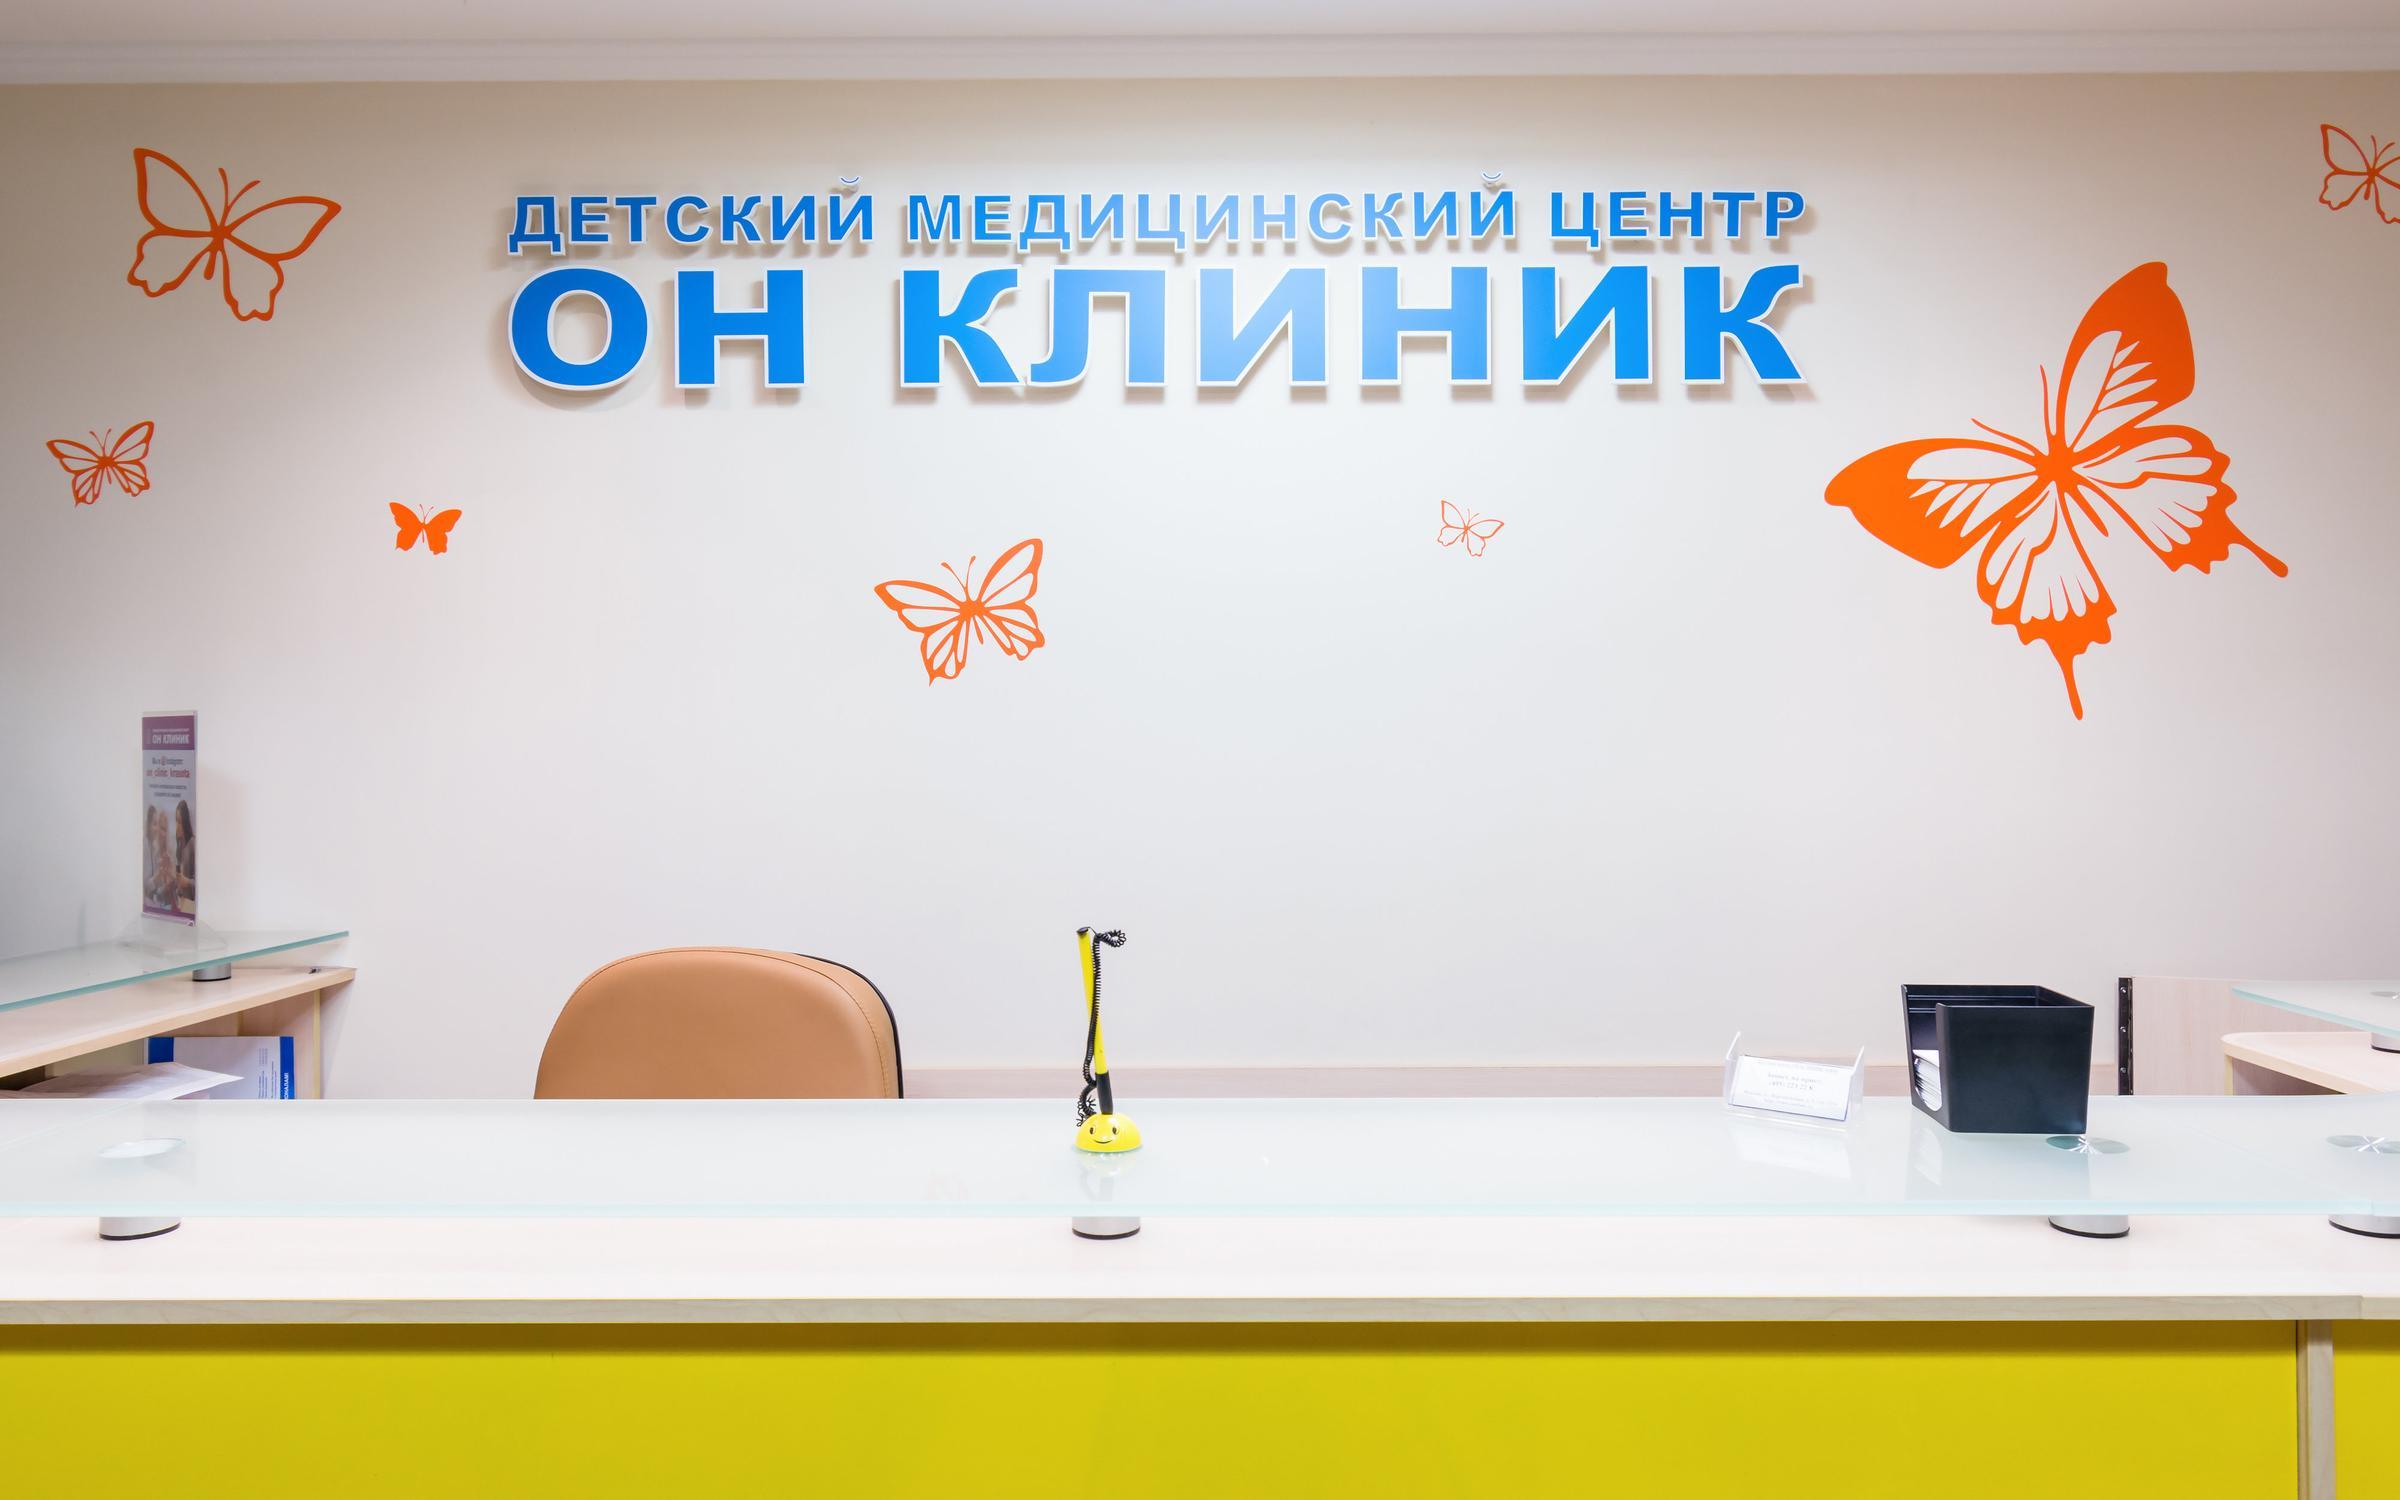 фотография Международного медицинского центра ОН КЛИНИК Бейби на Воронцовской улице, 8 стр 5